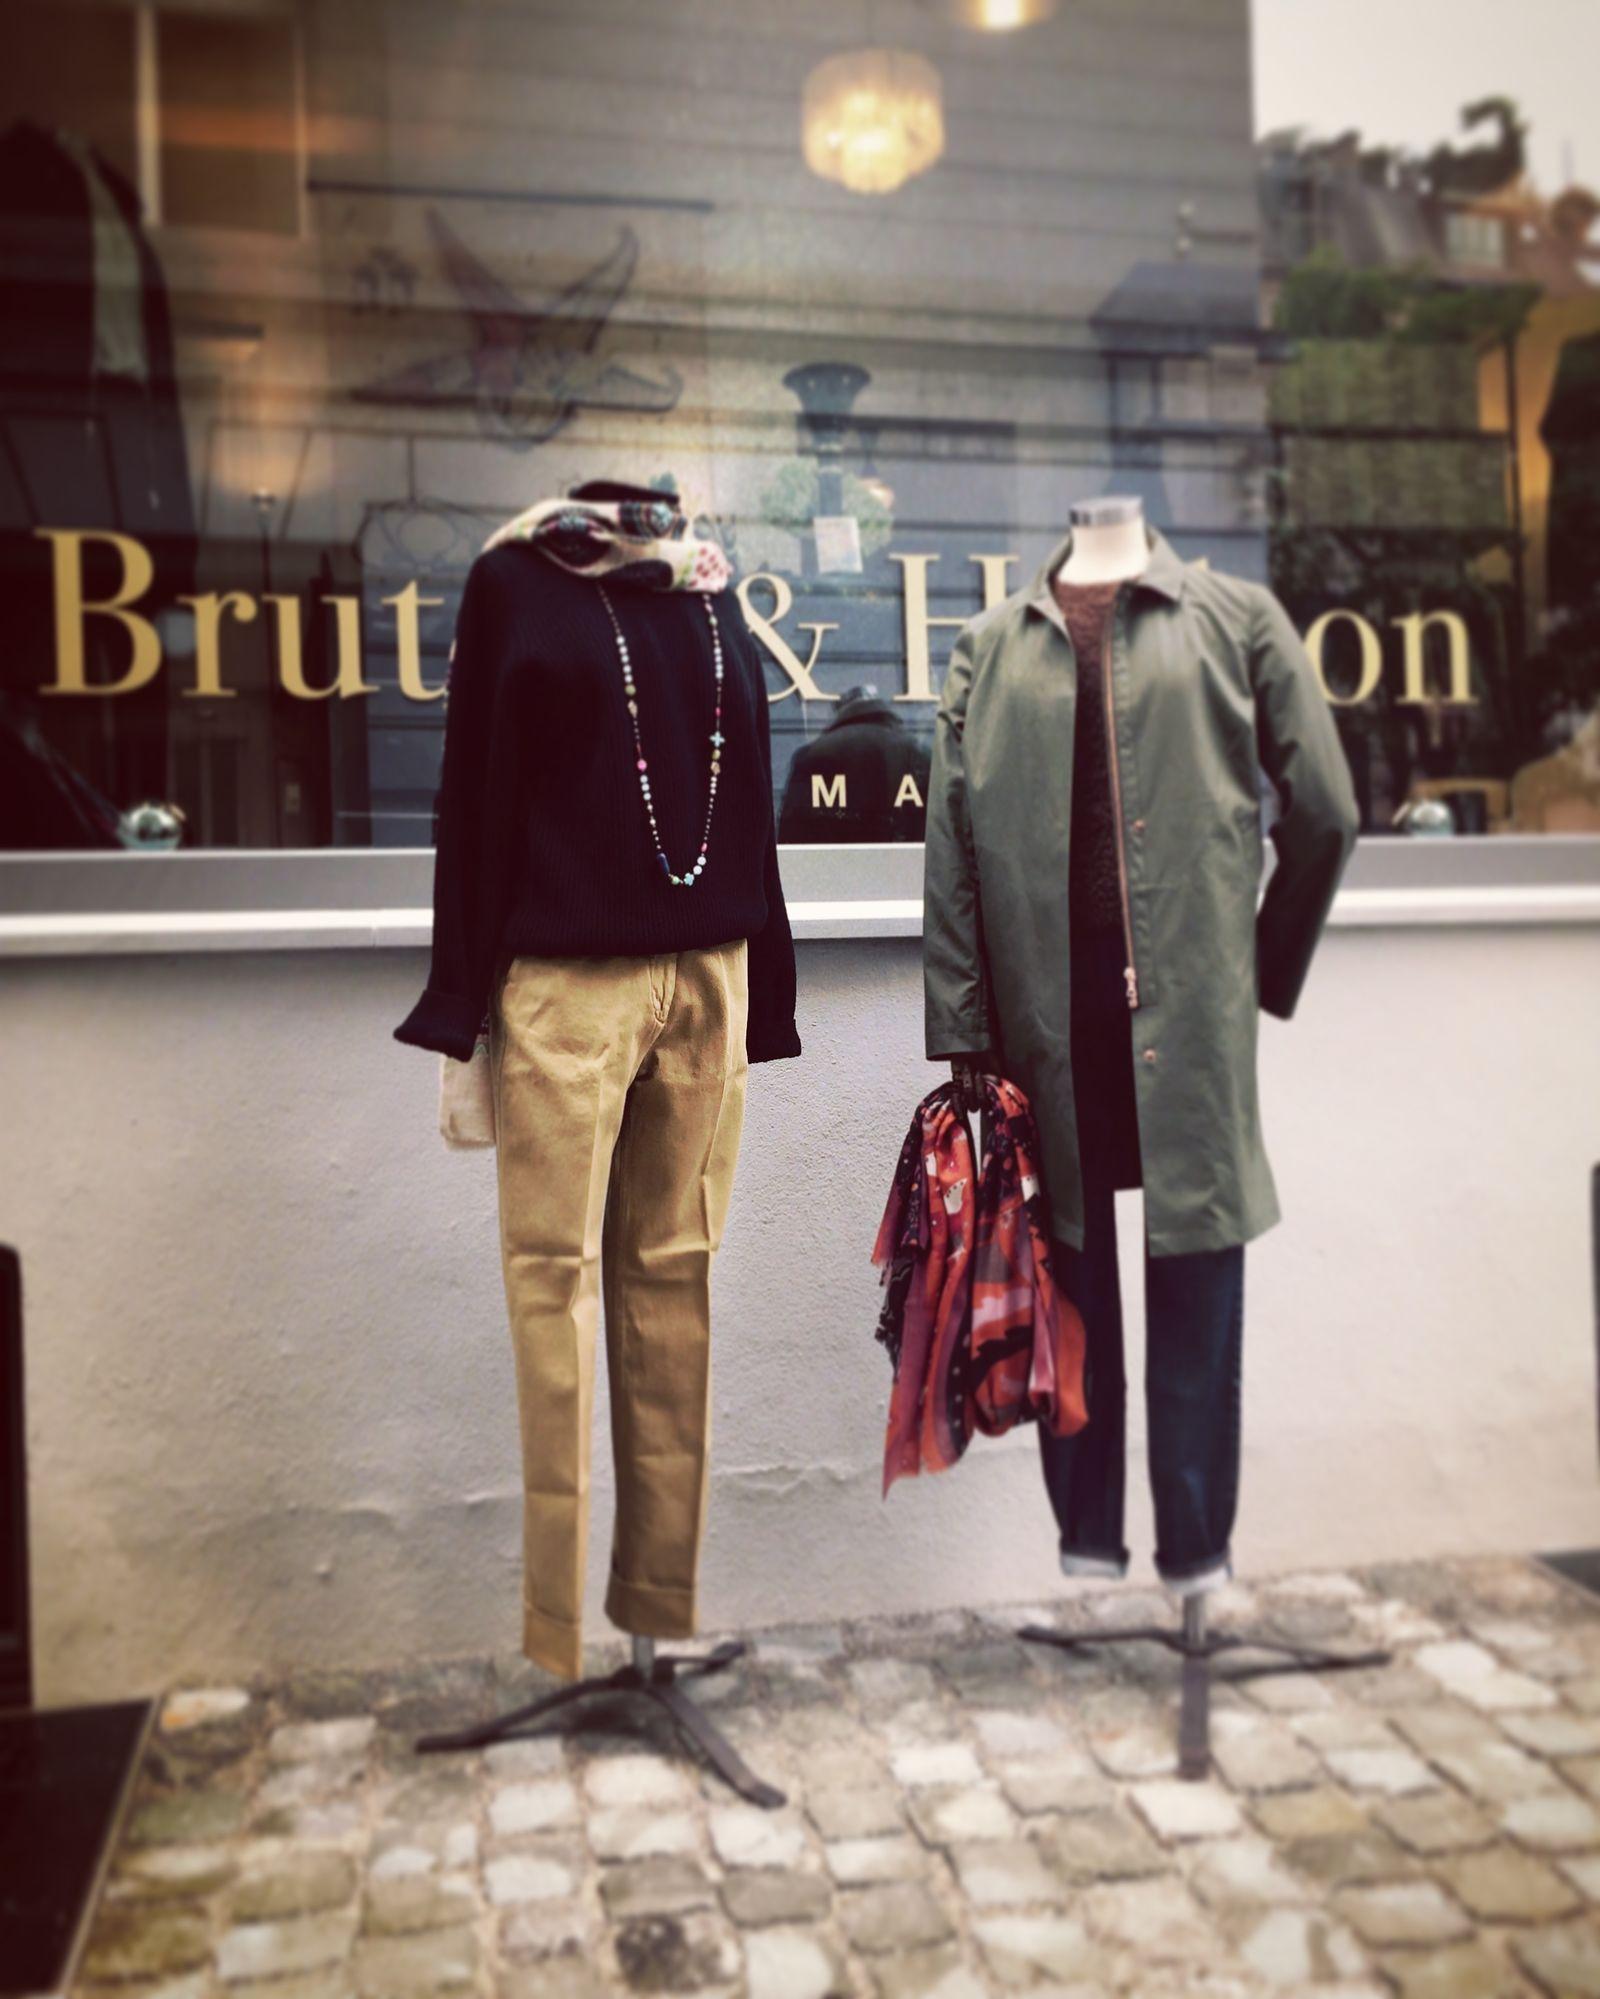 Bruton & Hudson in Zürich (Bild 2)